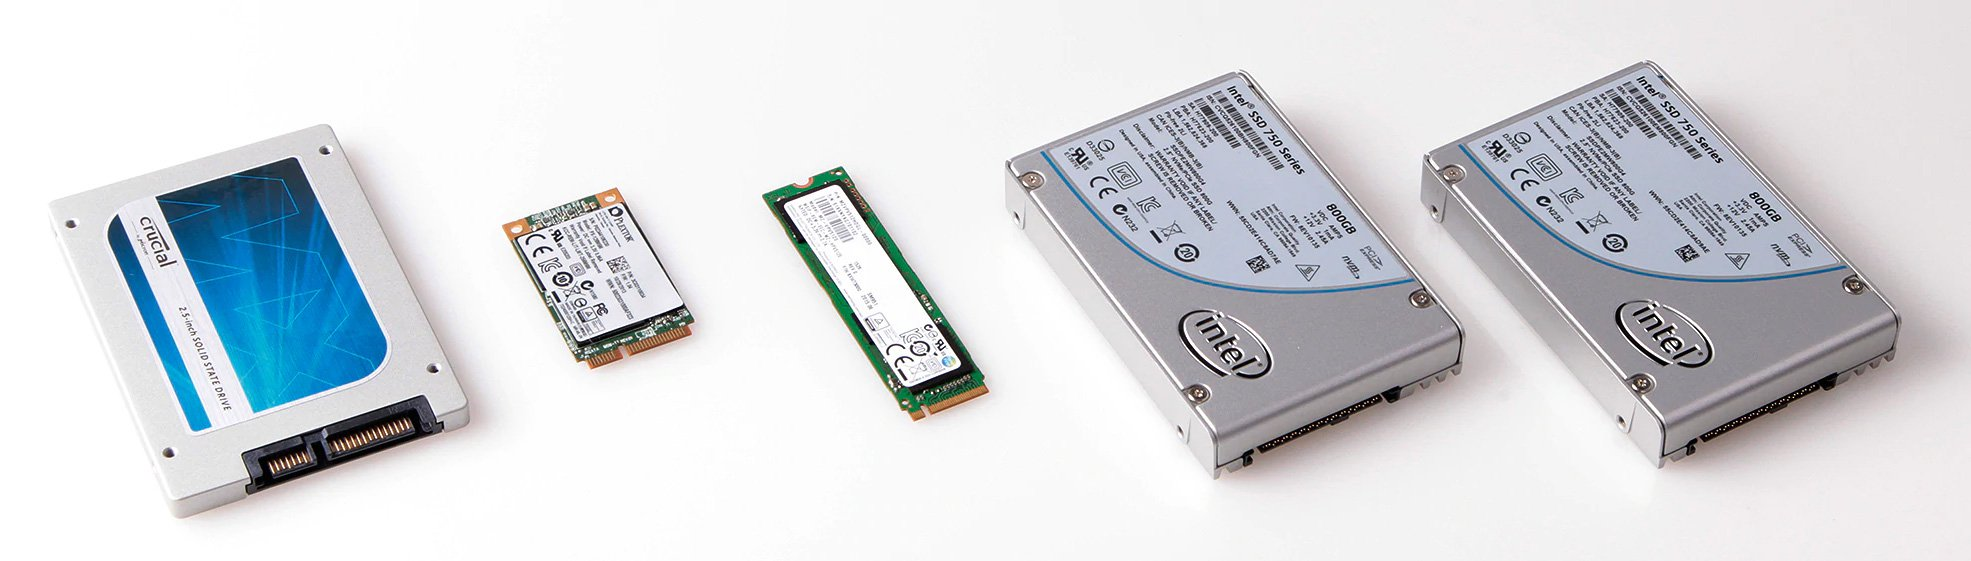 tên gọi cổng kết nối và dạng thức thường giống nhau nên bạn có thể dựa vào đó để phân biệt giữa các SSD.